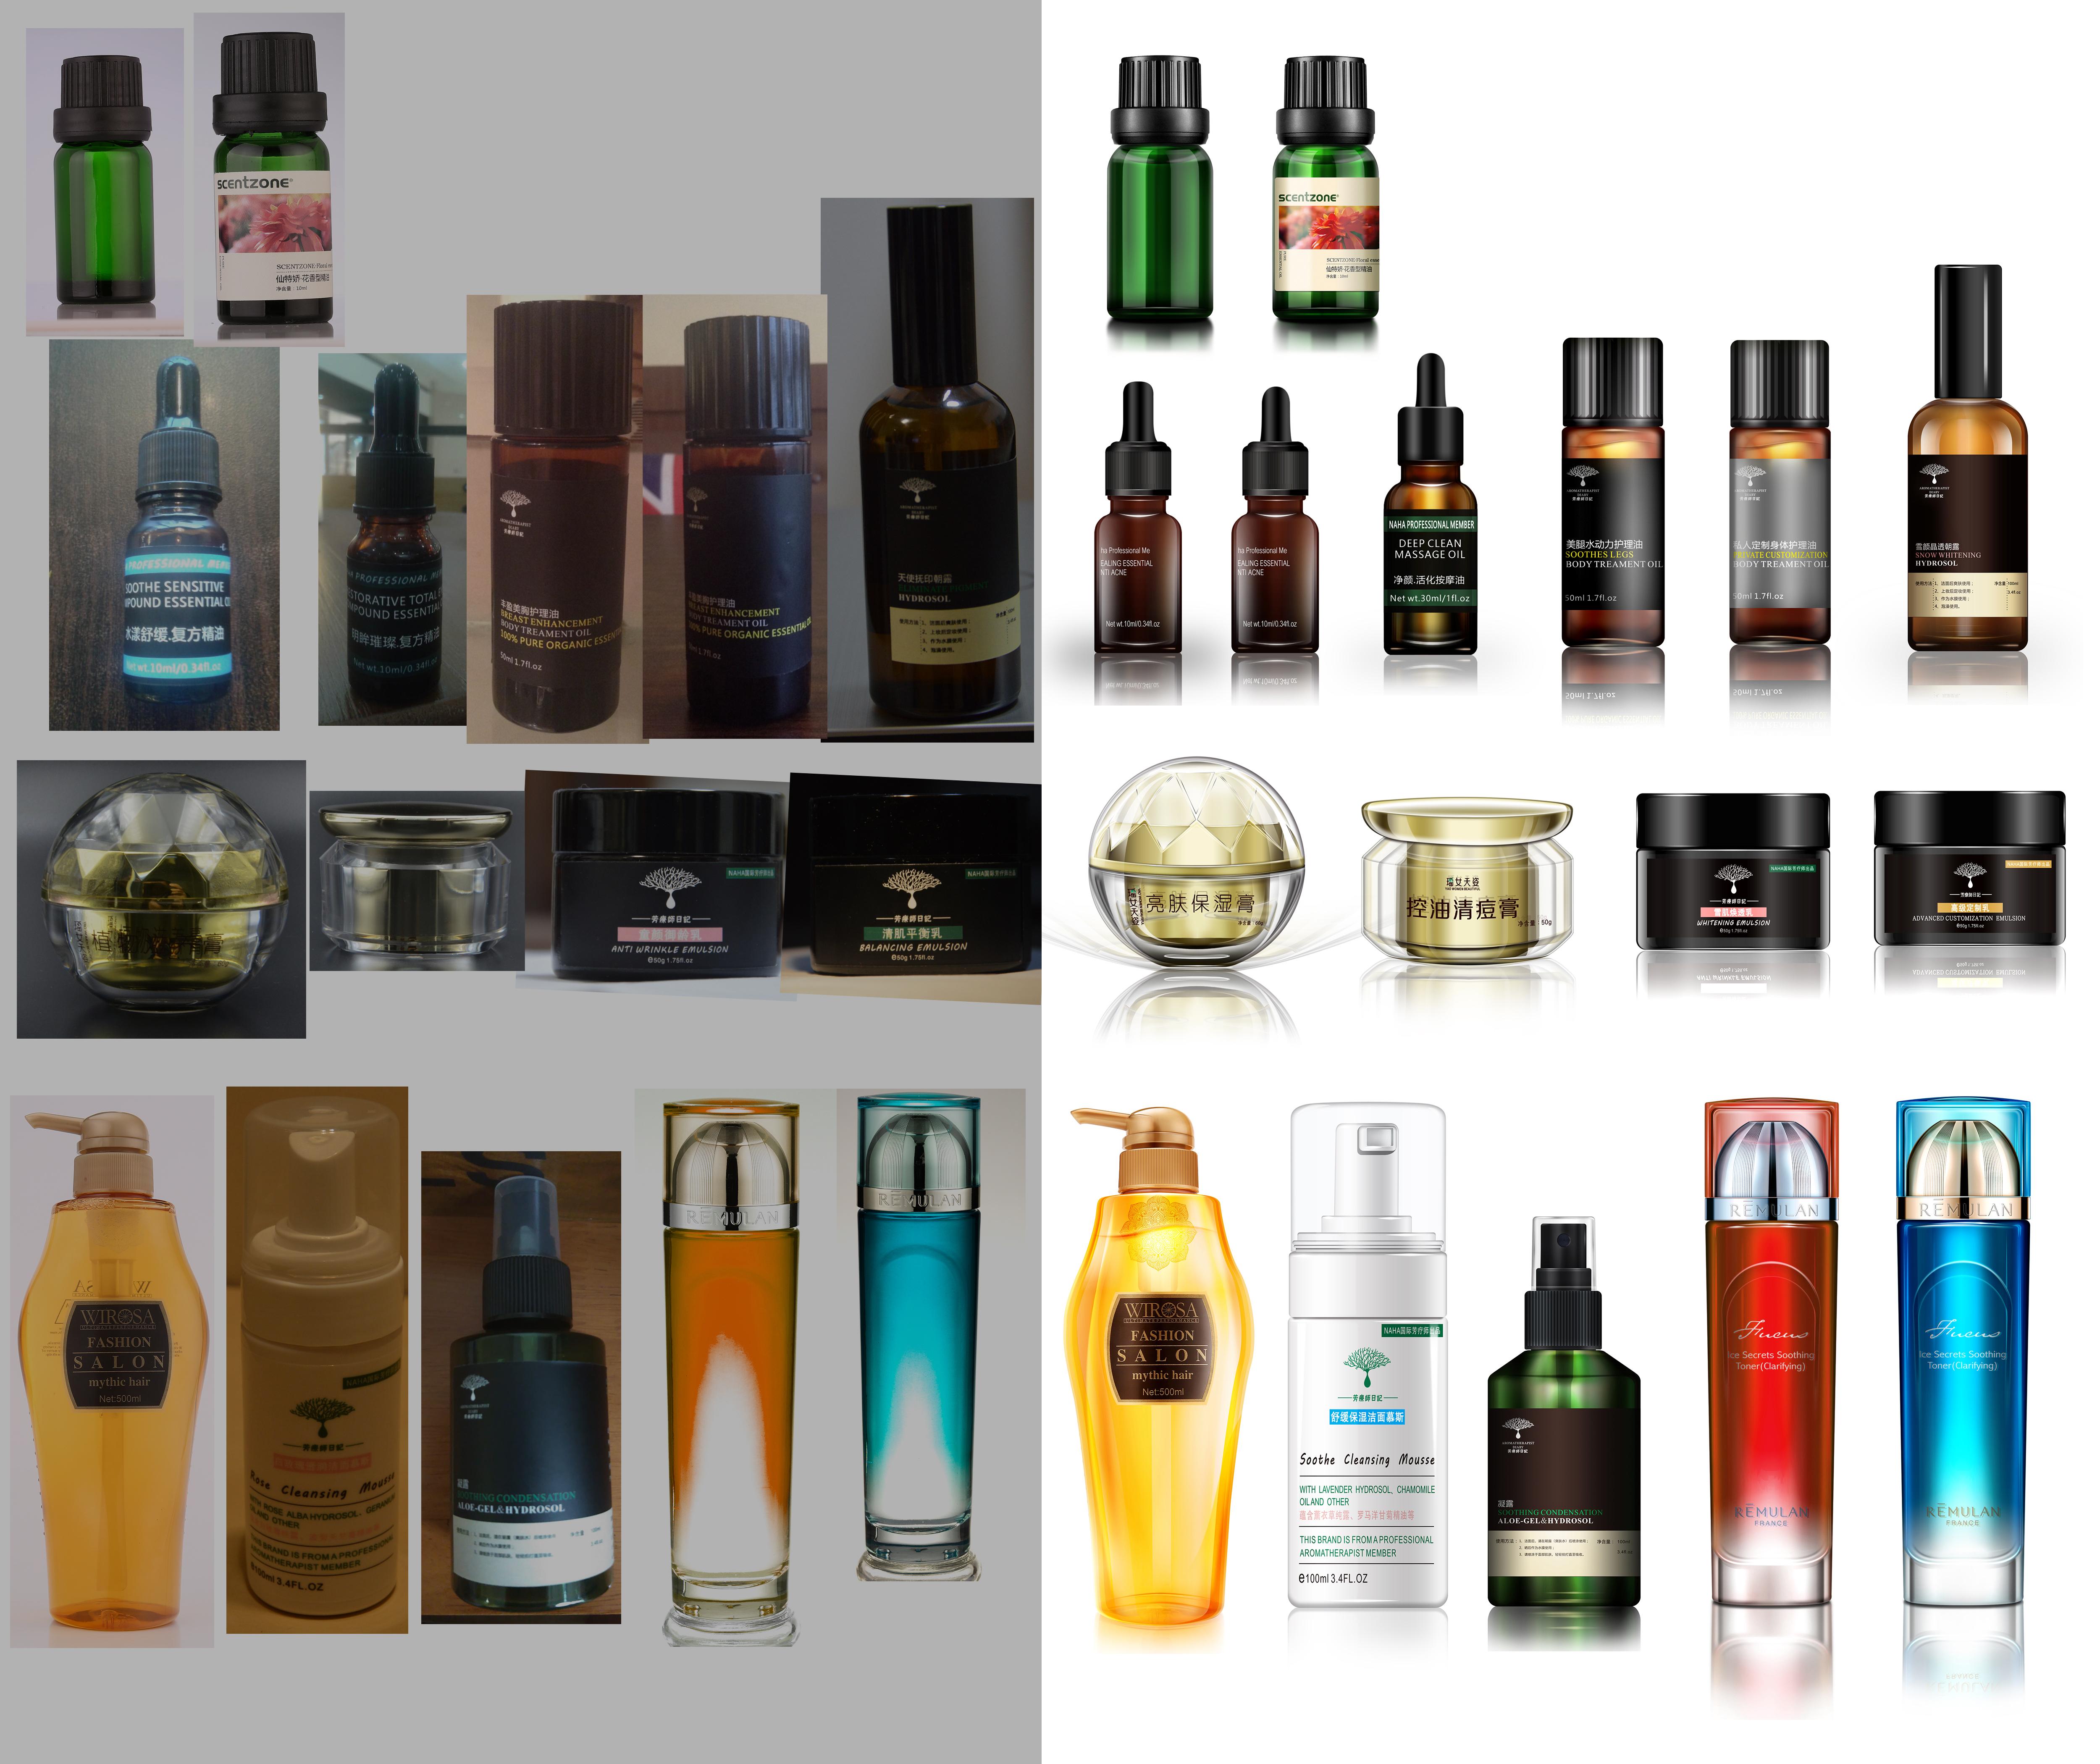 家电化妆品电商产品建模产品渲染场景效果图3D渲染建模图片处理